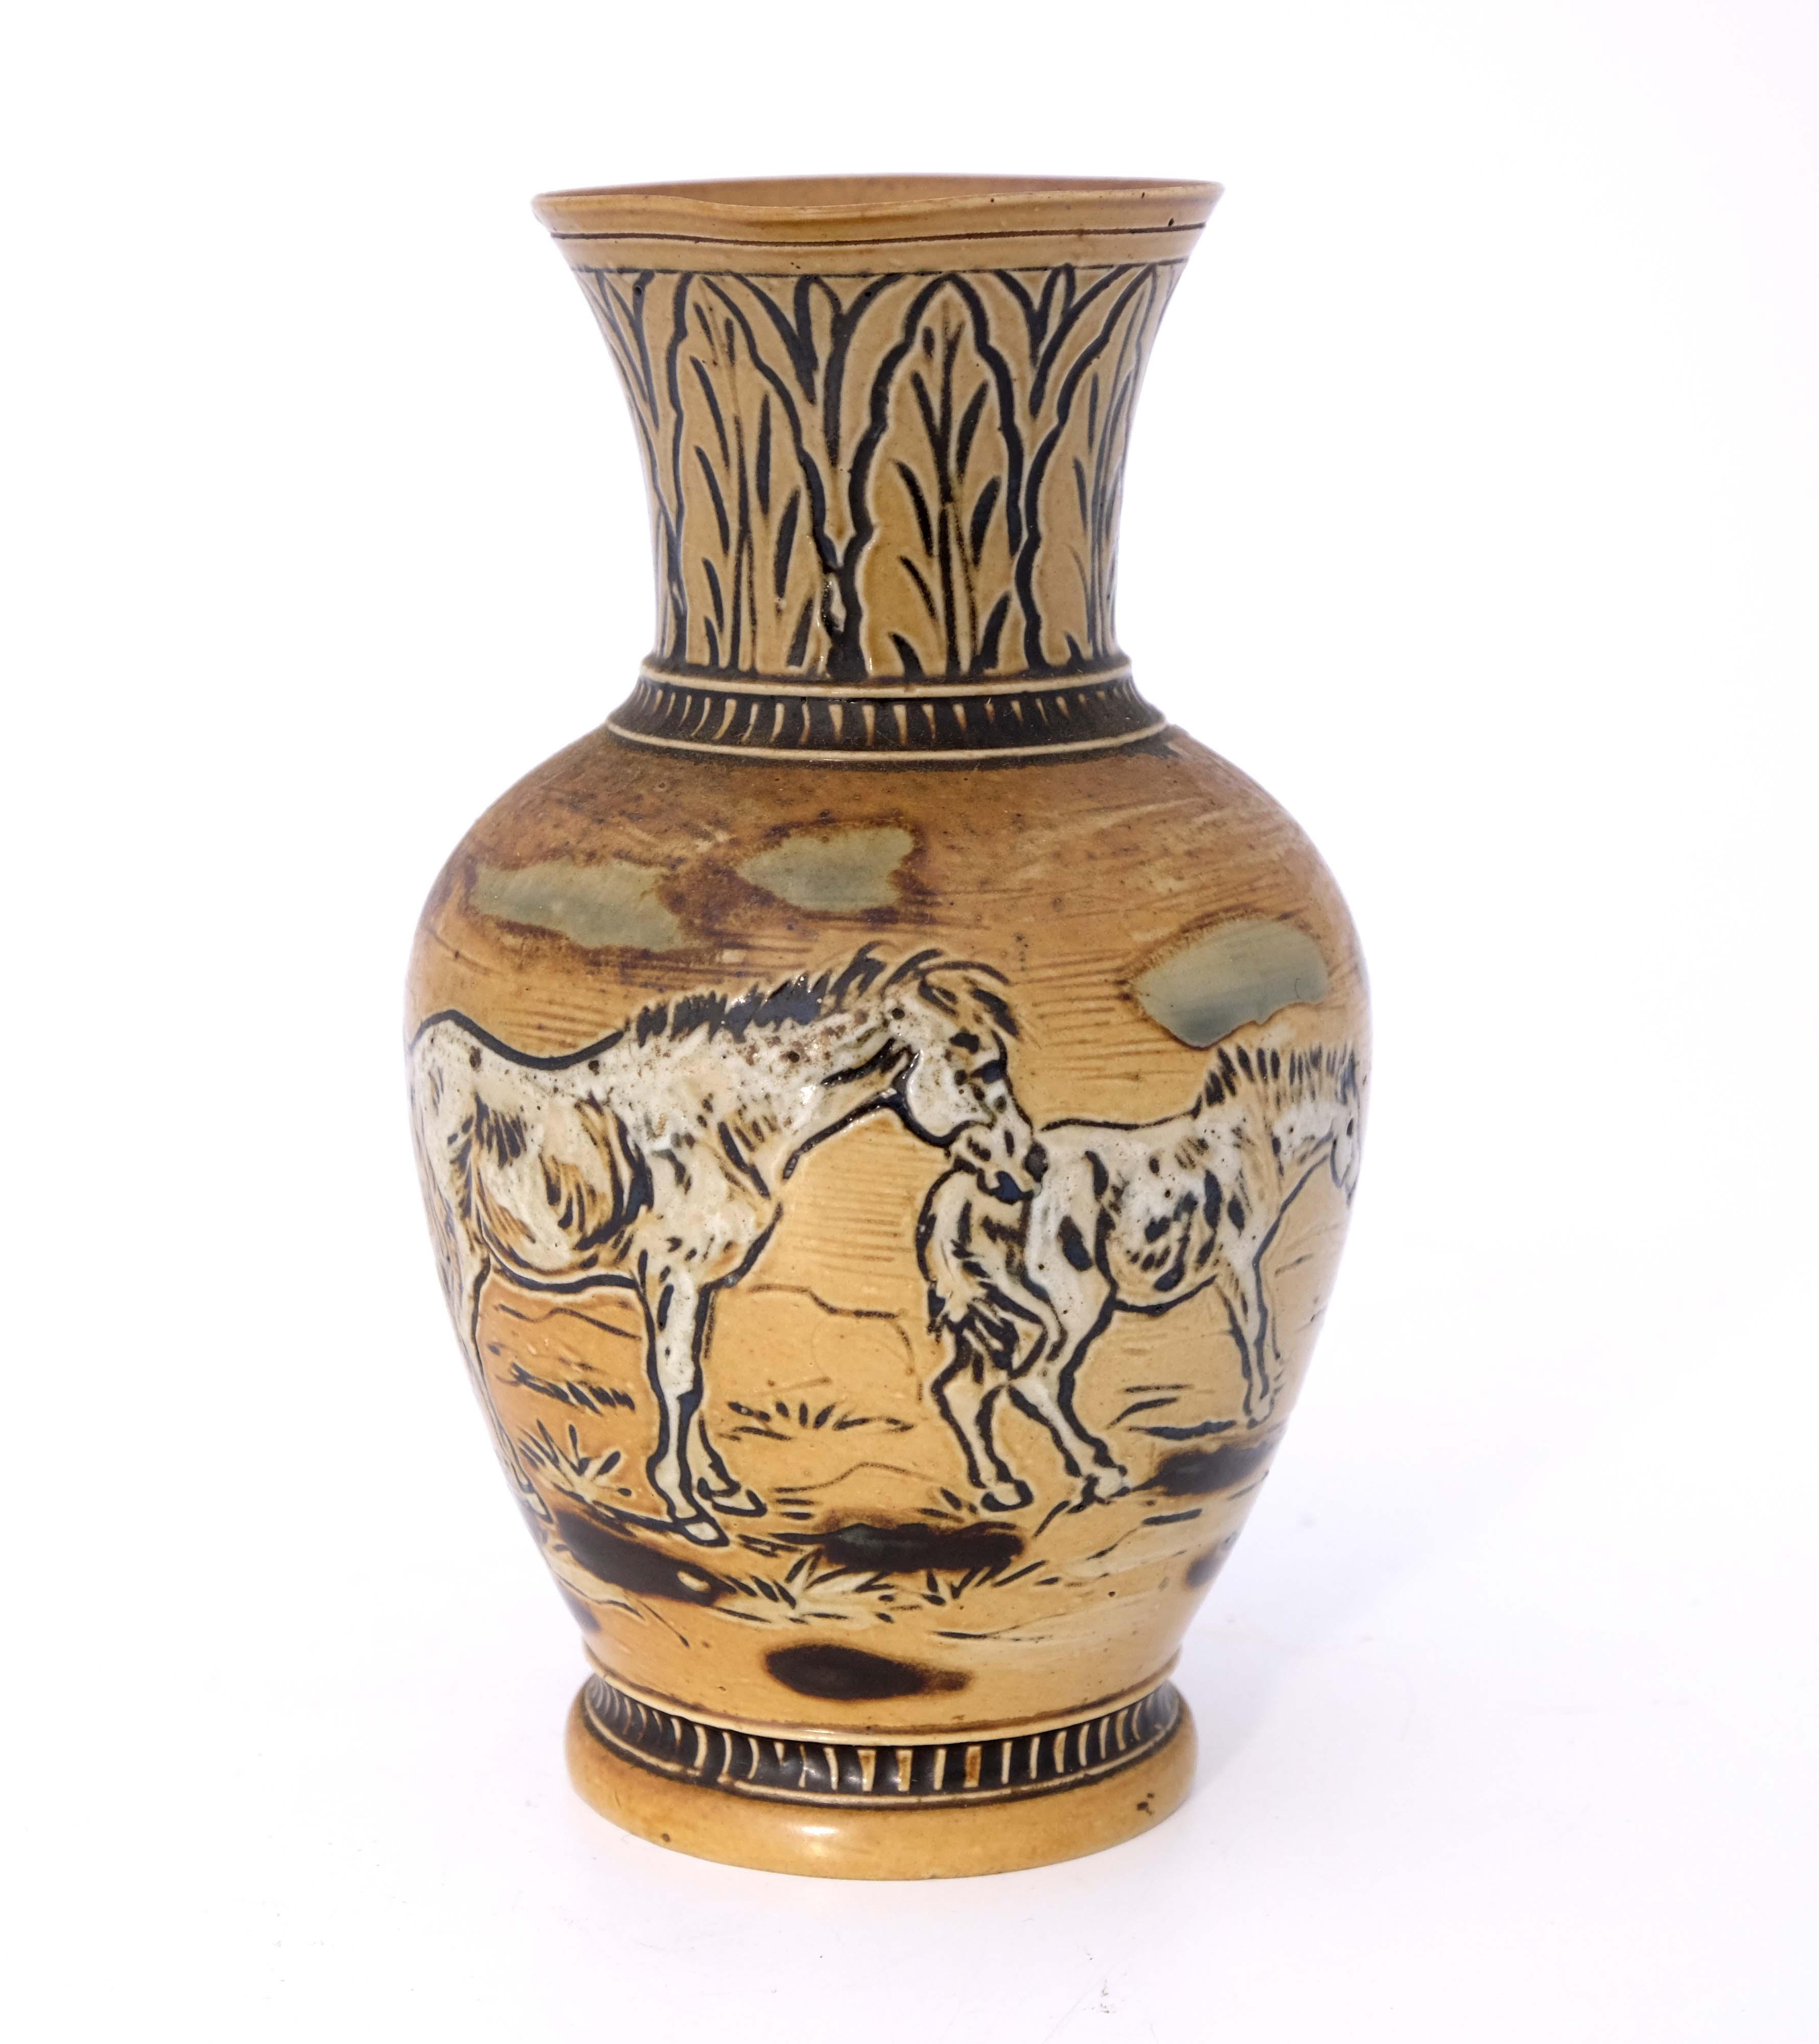 Hannah Barlow for Doulton Lambeth, a stoneware jug - Image 2 of 6